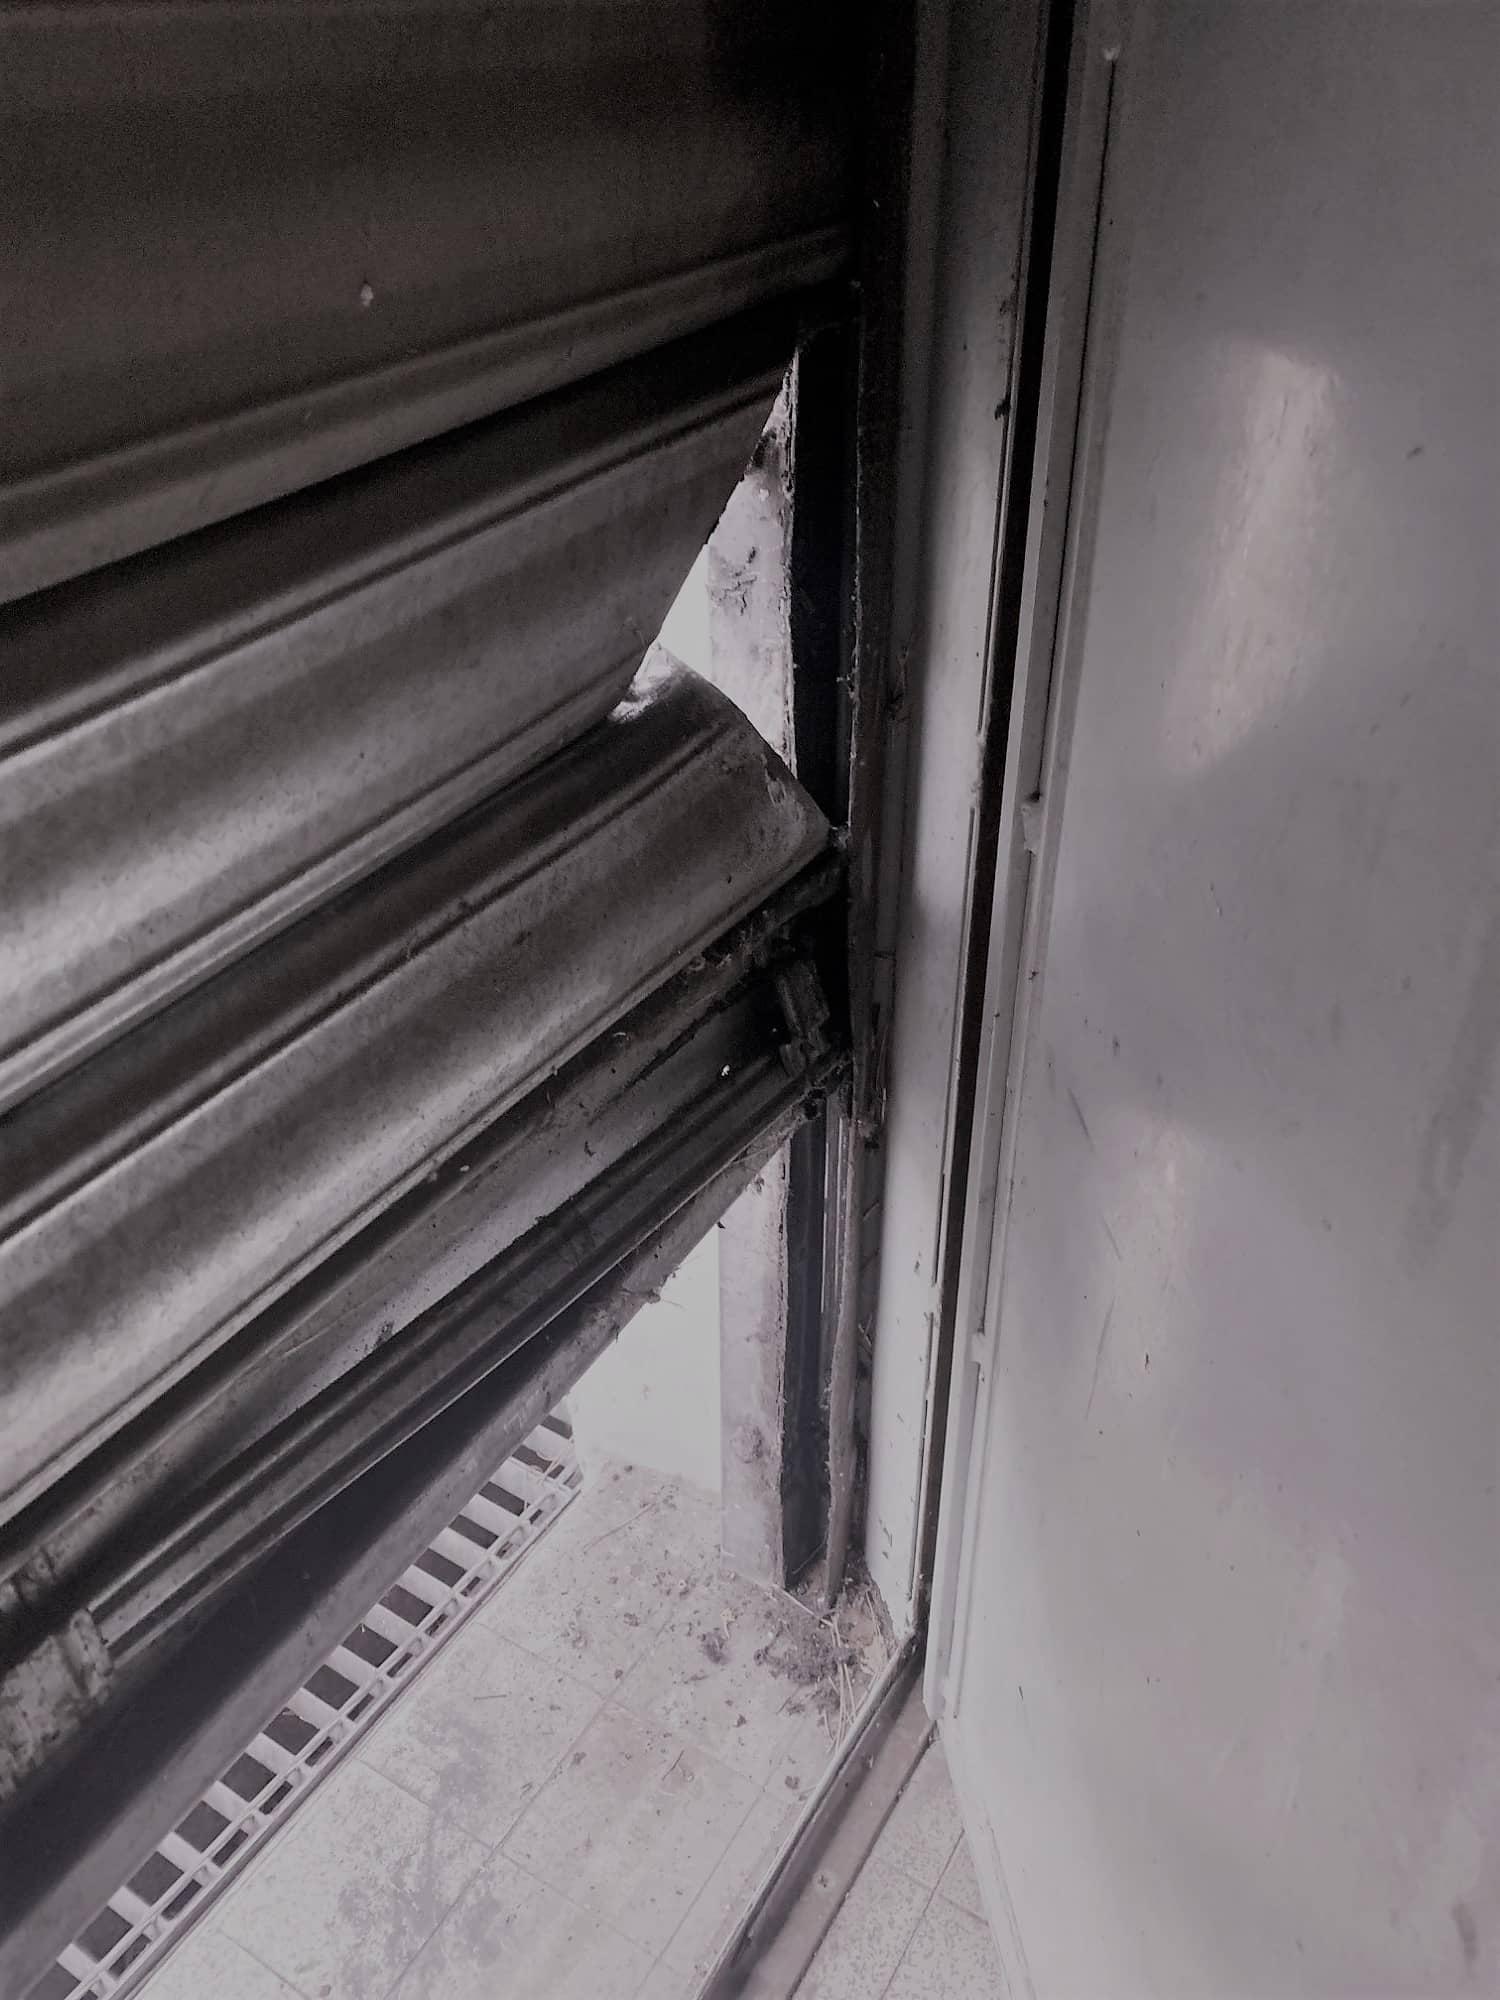 Dessous rideau metalique_TABAC-JASSANS RIOTTIER-01480